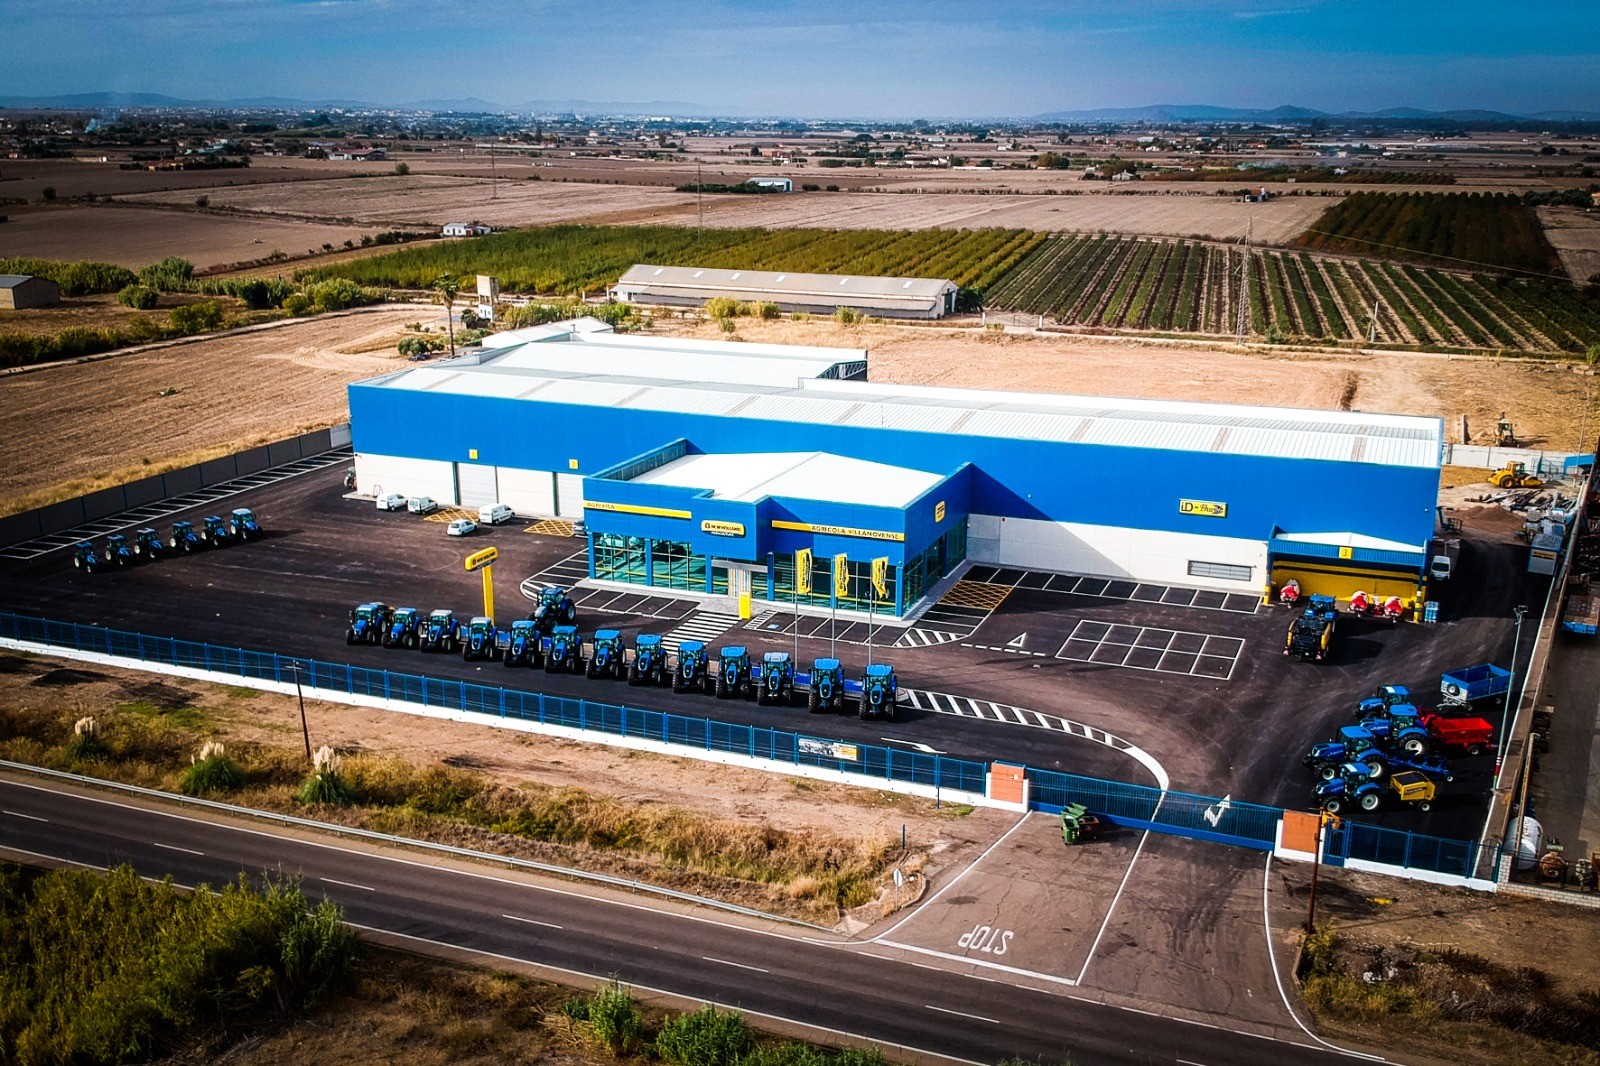 Inauguración nuevas instalaciones de Agrivisa en Villanueva de la Serena (Badajoz)